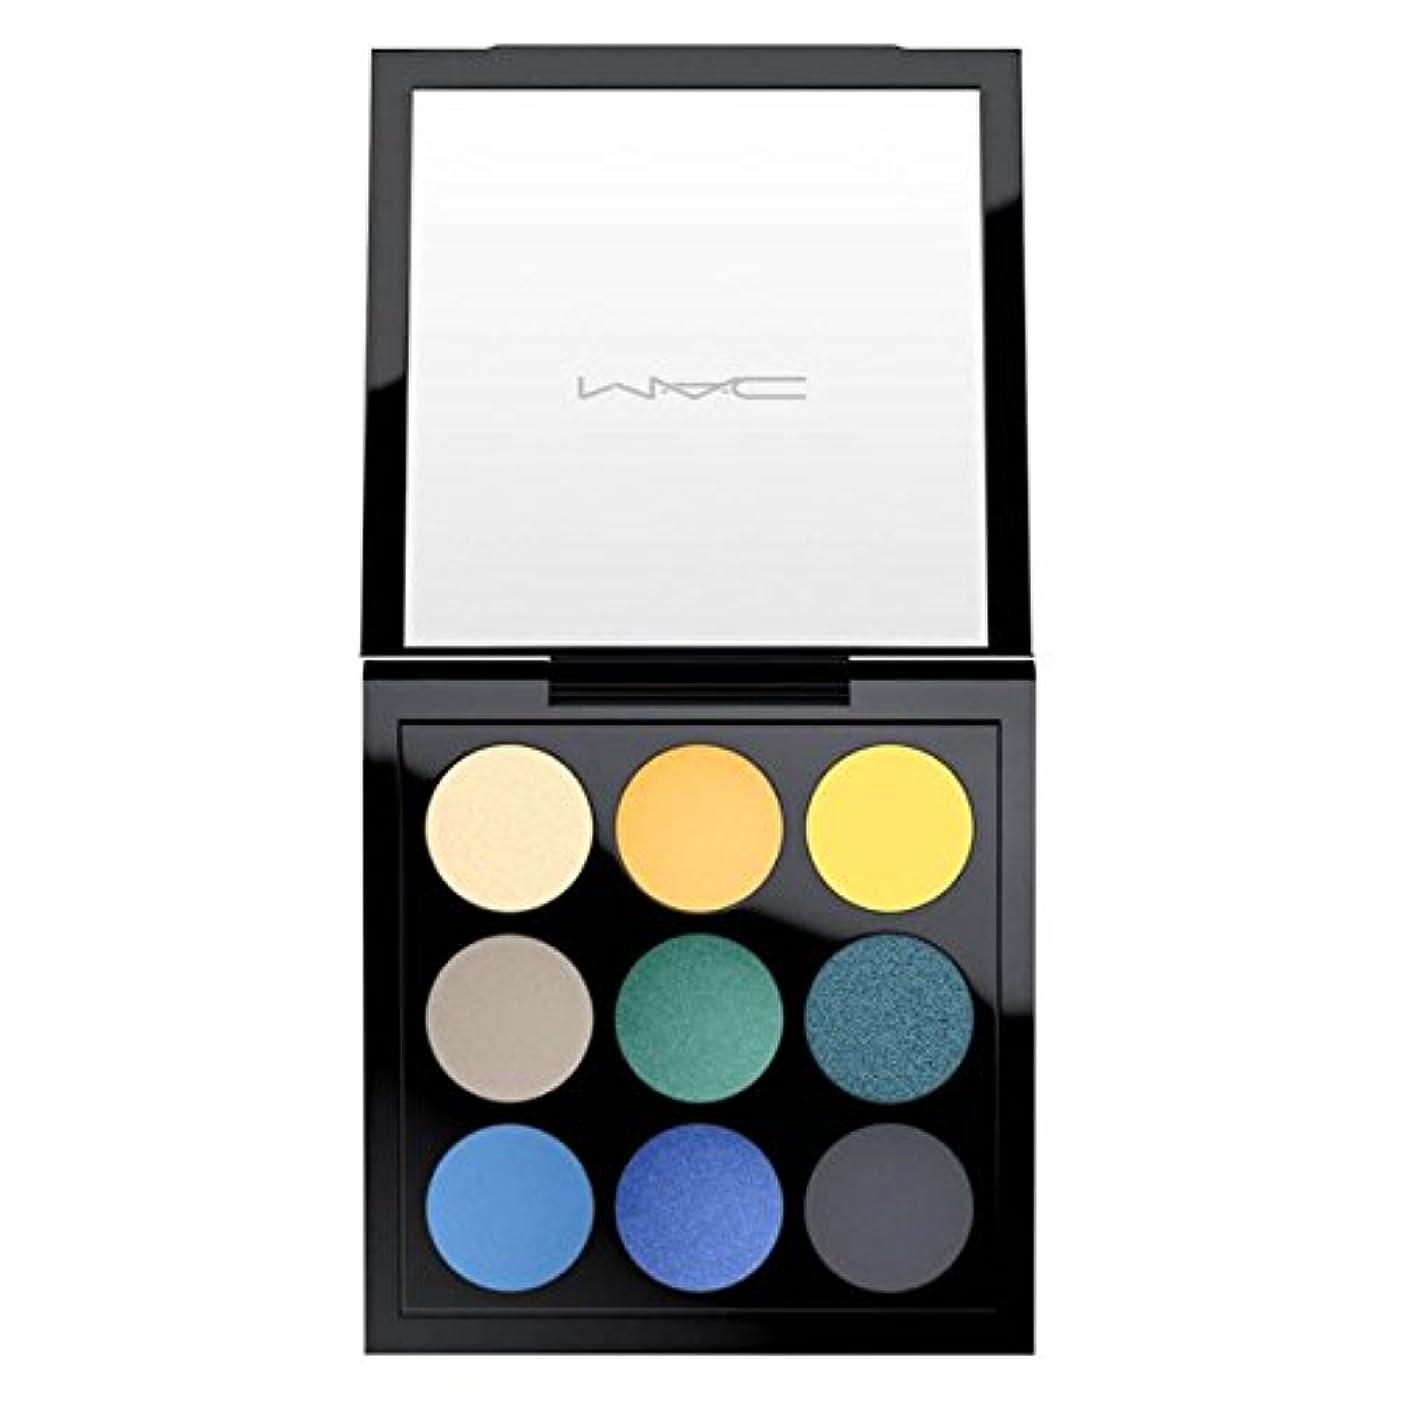 落ち着いて更新行商M.A.C ?マック, Tropical Cool Times Nine Eyeshadow Palette トロピカルクールタイムズナインアイシャドウパレット [海外直送品] [並行輸入品]